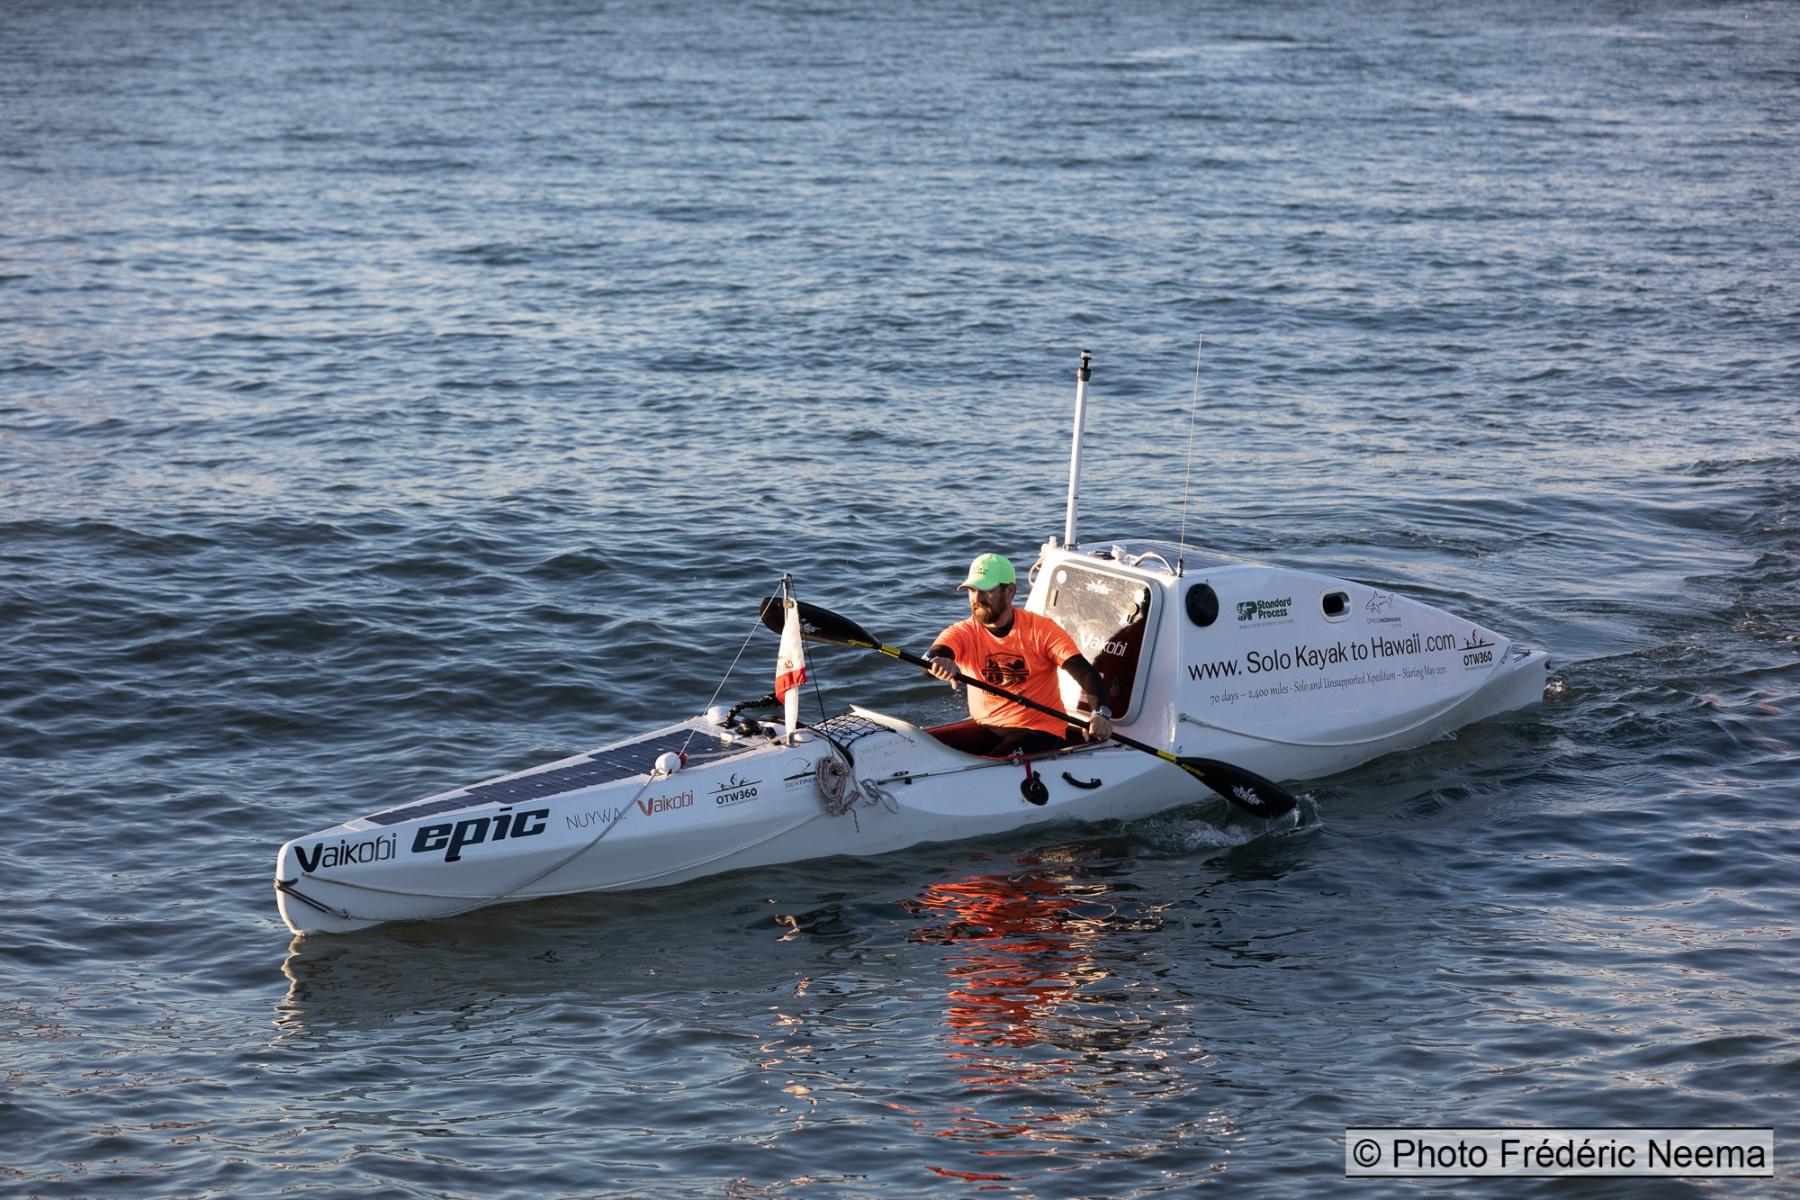 Cyril Derreumaux Kayak 6 Historic Paddling Expeditions To Follow This Year Men Le 30 Mai Prochain Cyril Derreumaux Un Entrepreneur Francais De 44 Ans Originaire De La Region